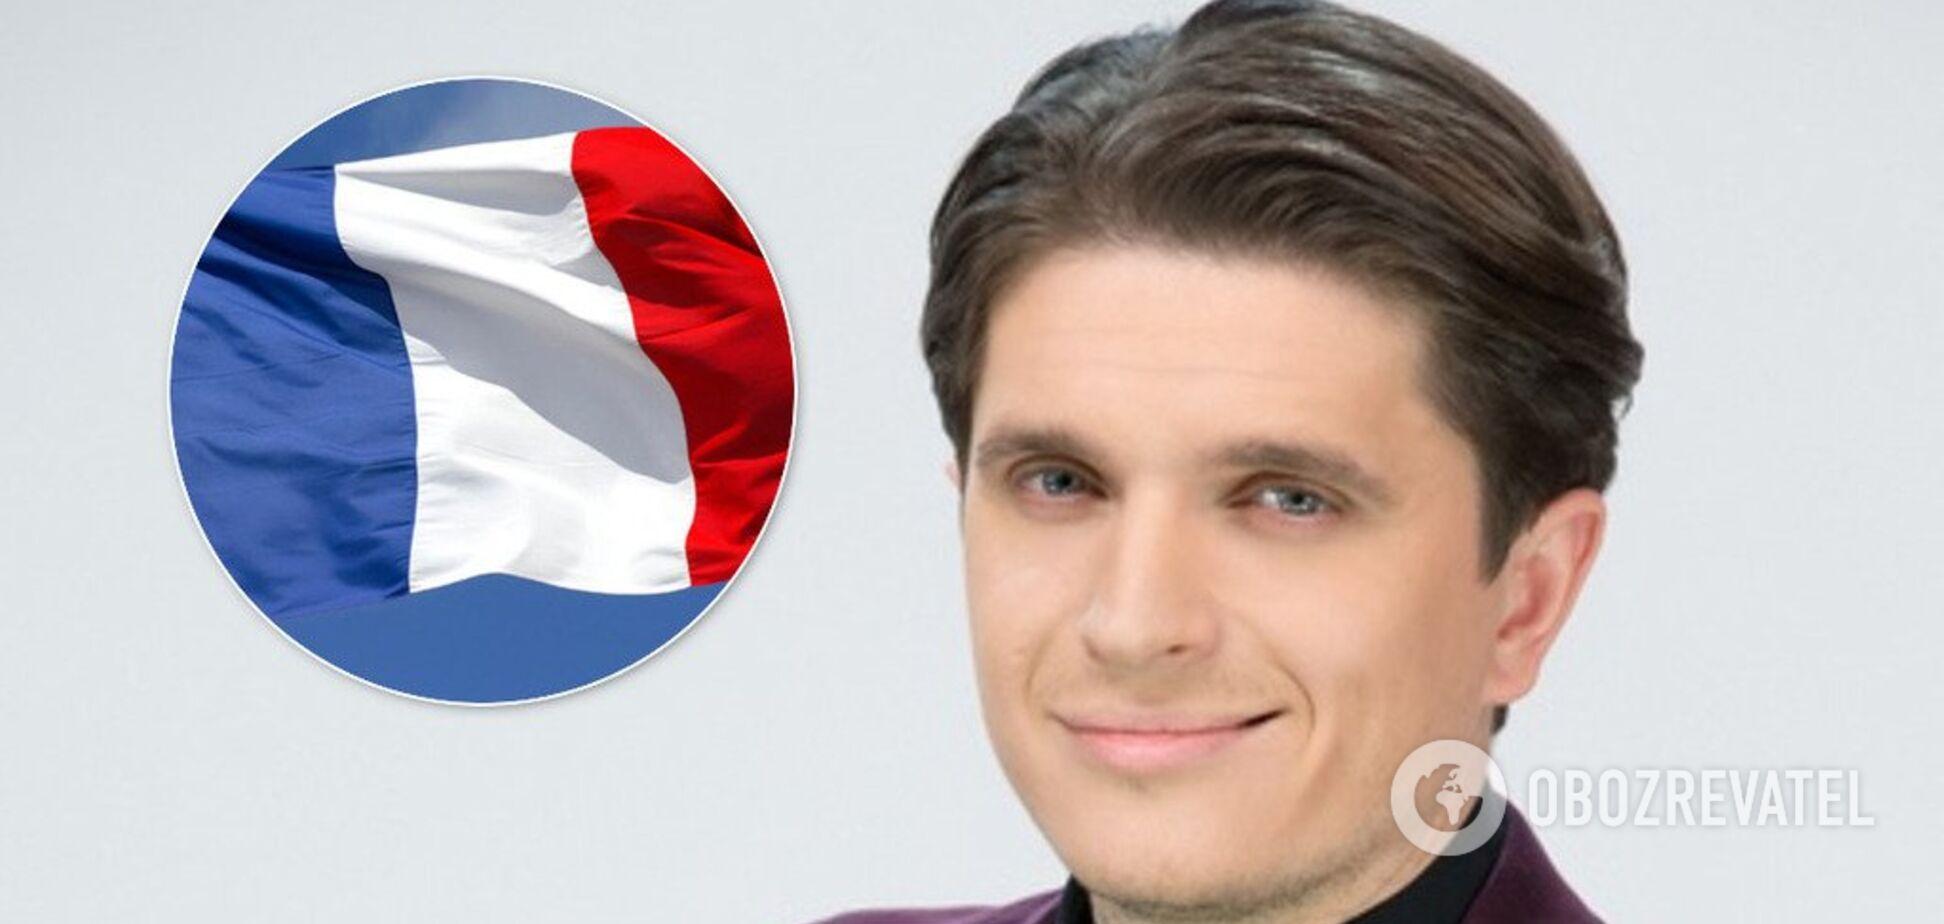 'Триколор на руке': популярный украинский ведущий попал в нелепую ситуацию из-за флага